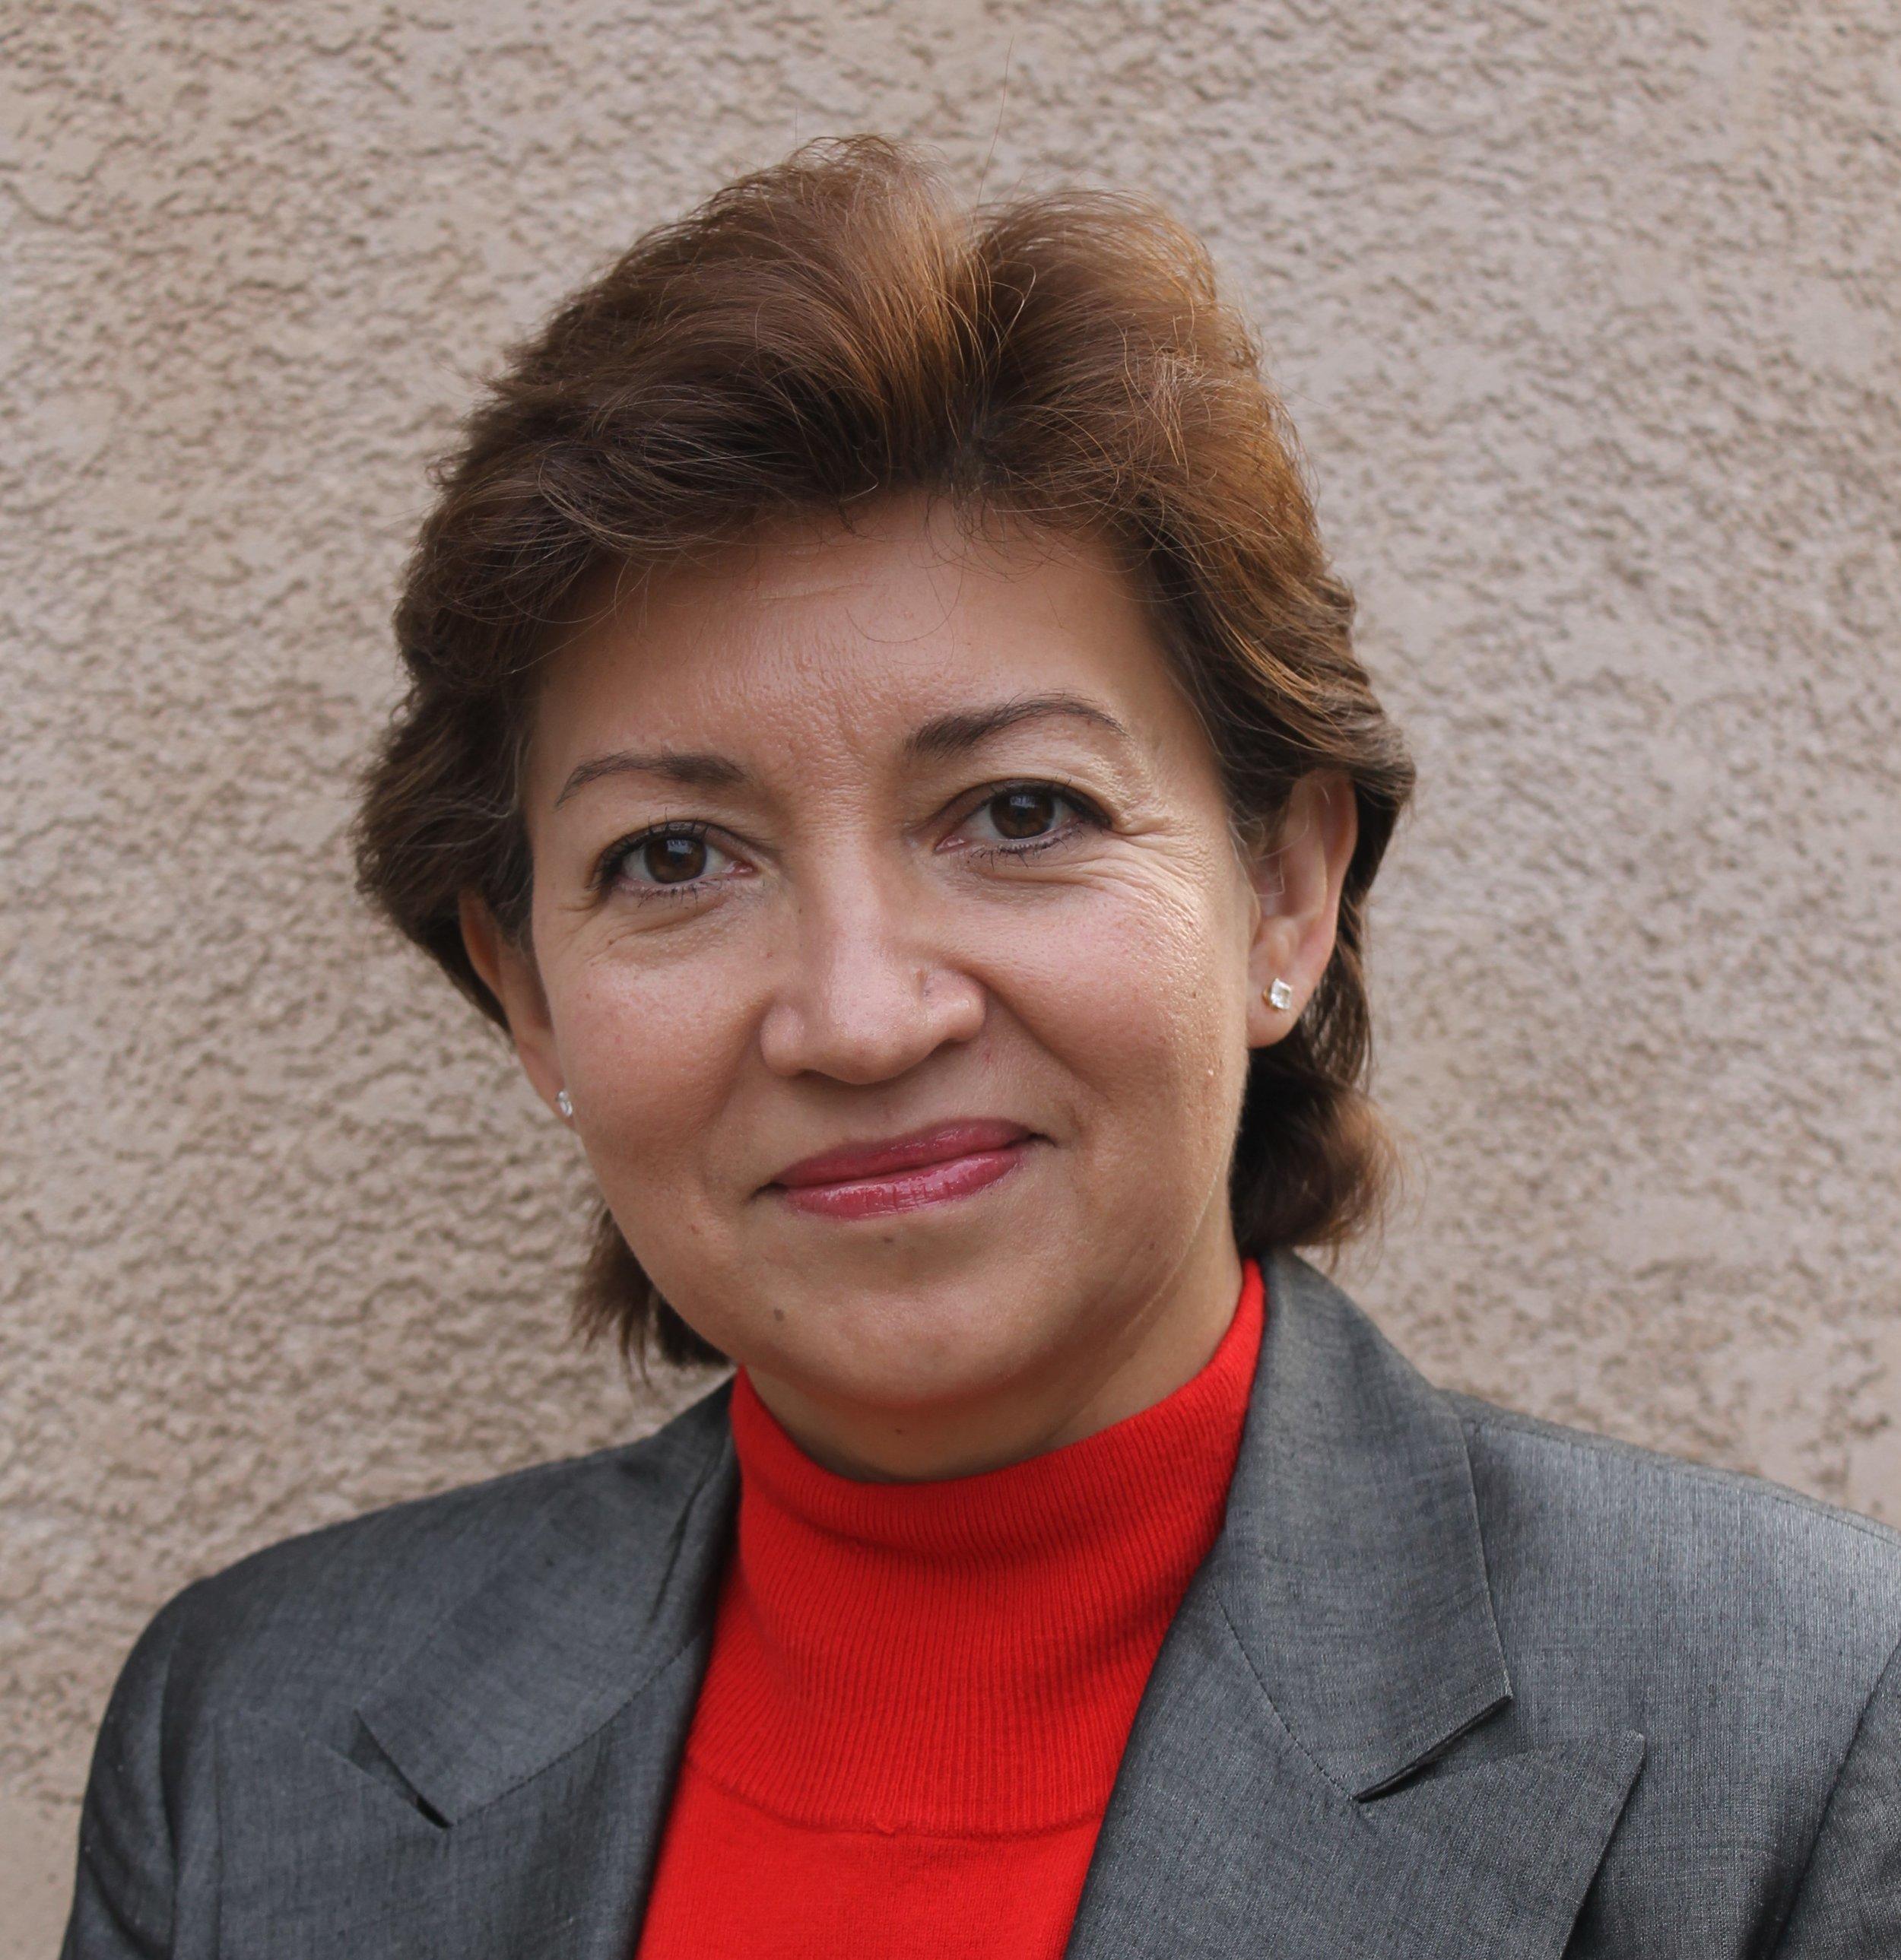 Olivia Medina